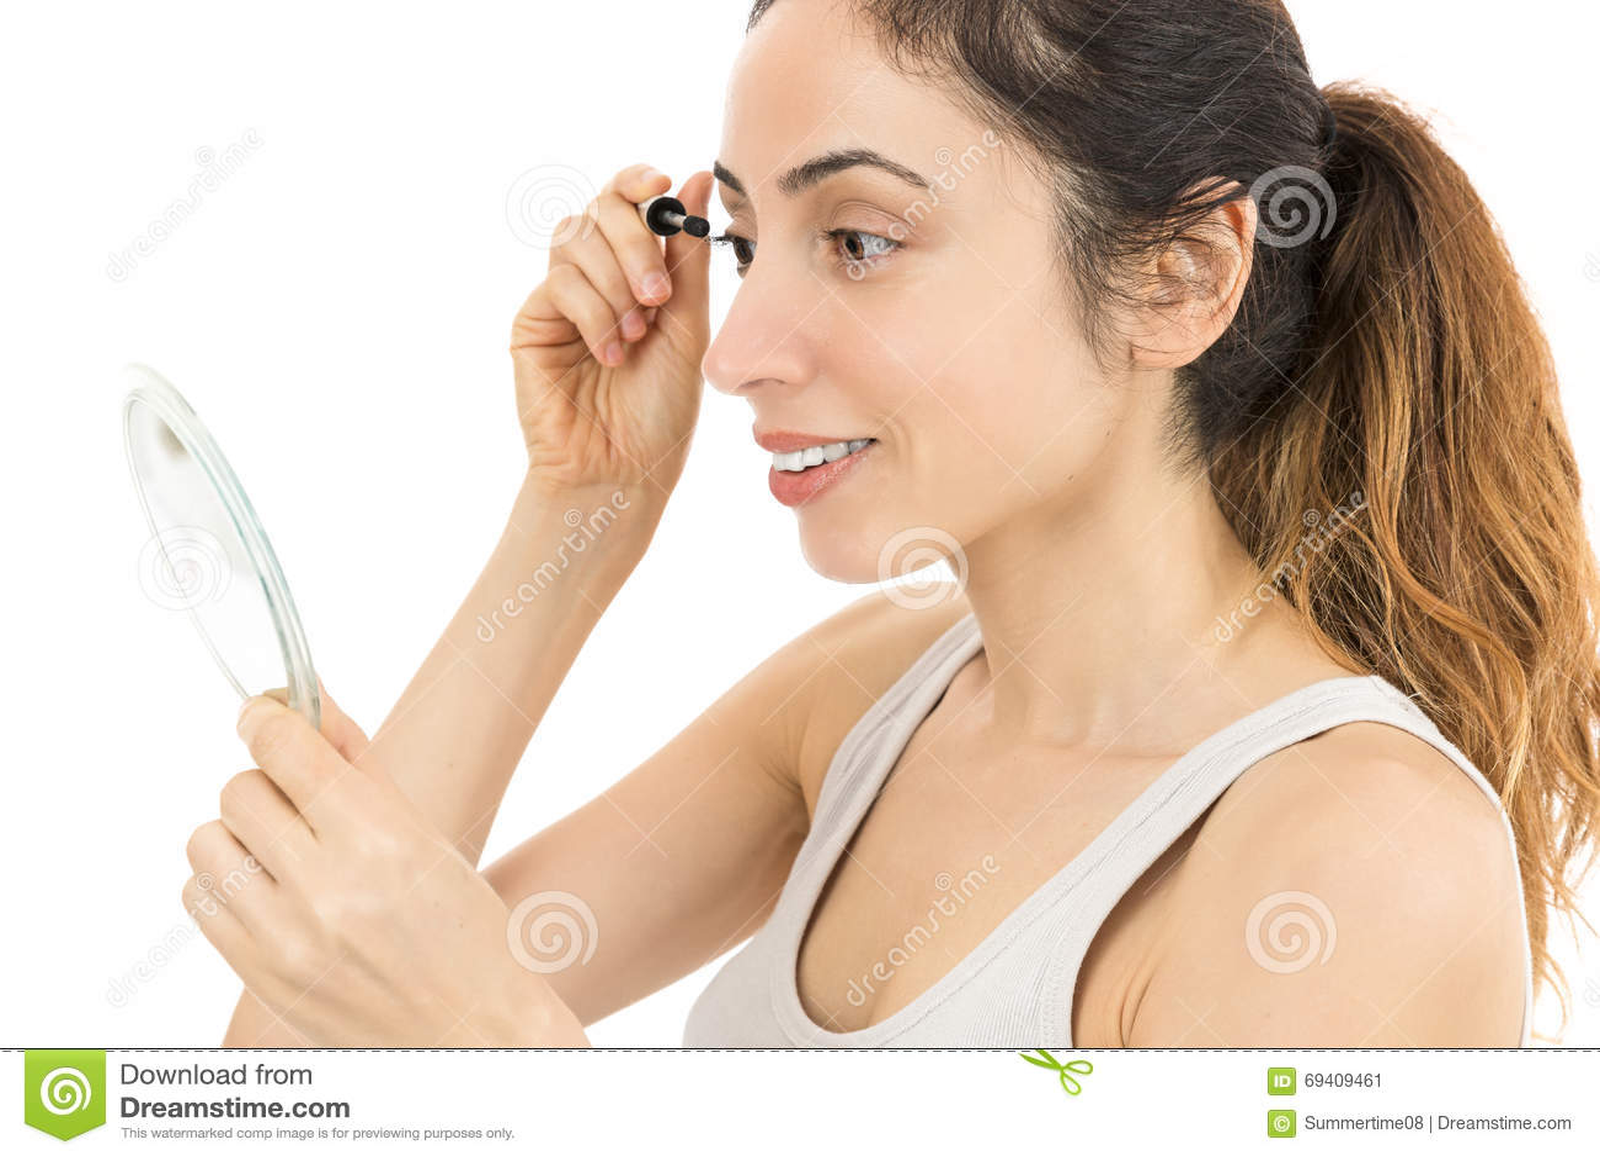 看对镜子和应用染睫毛油的妇女